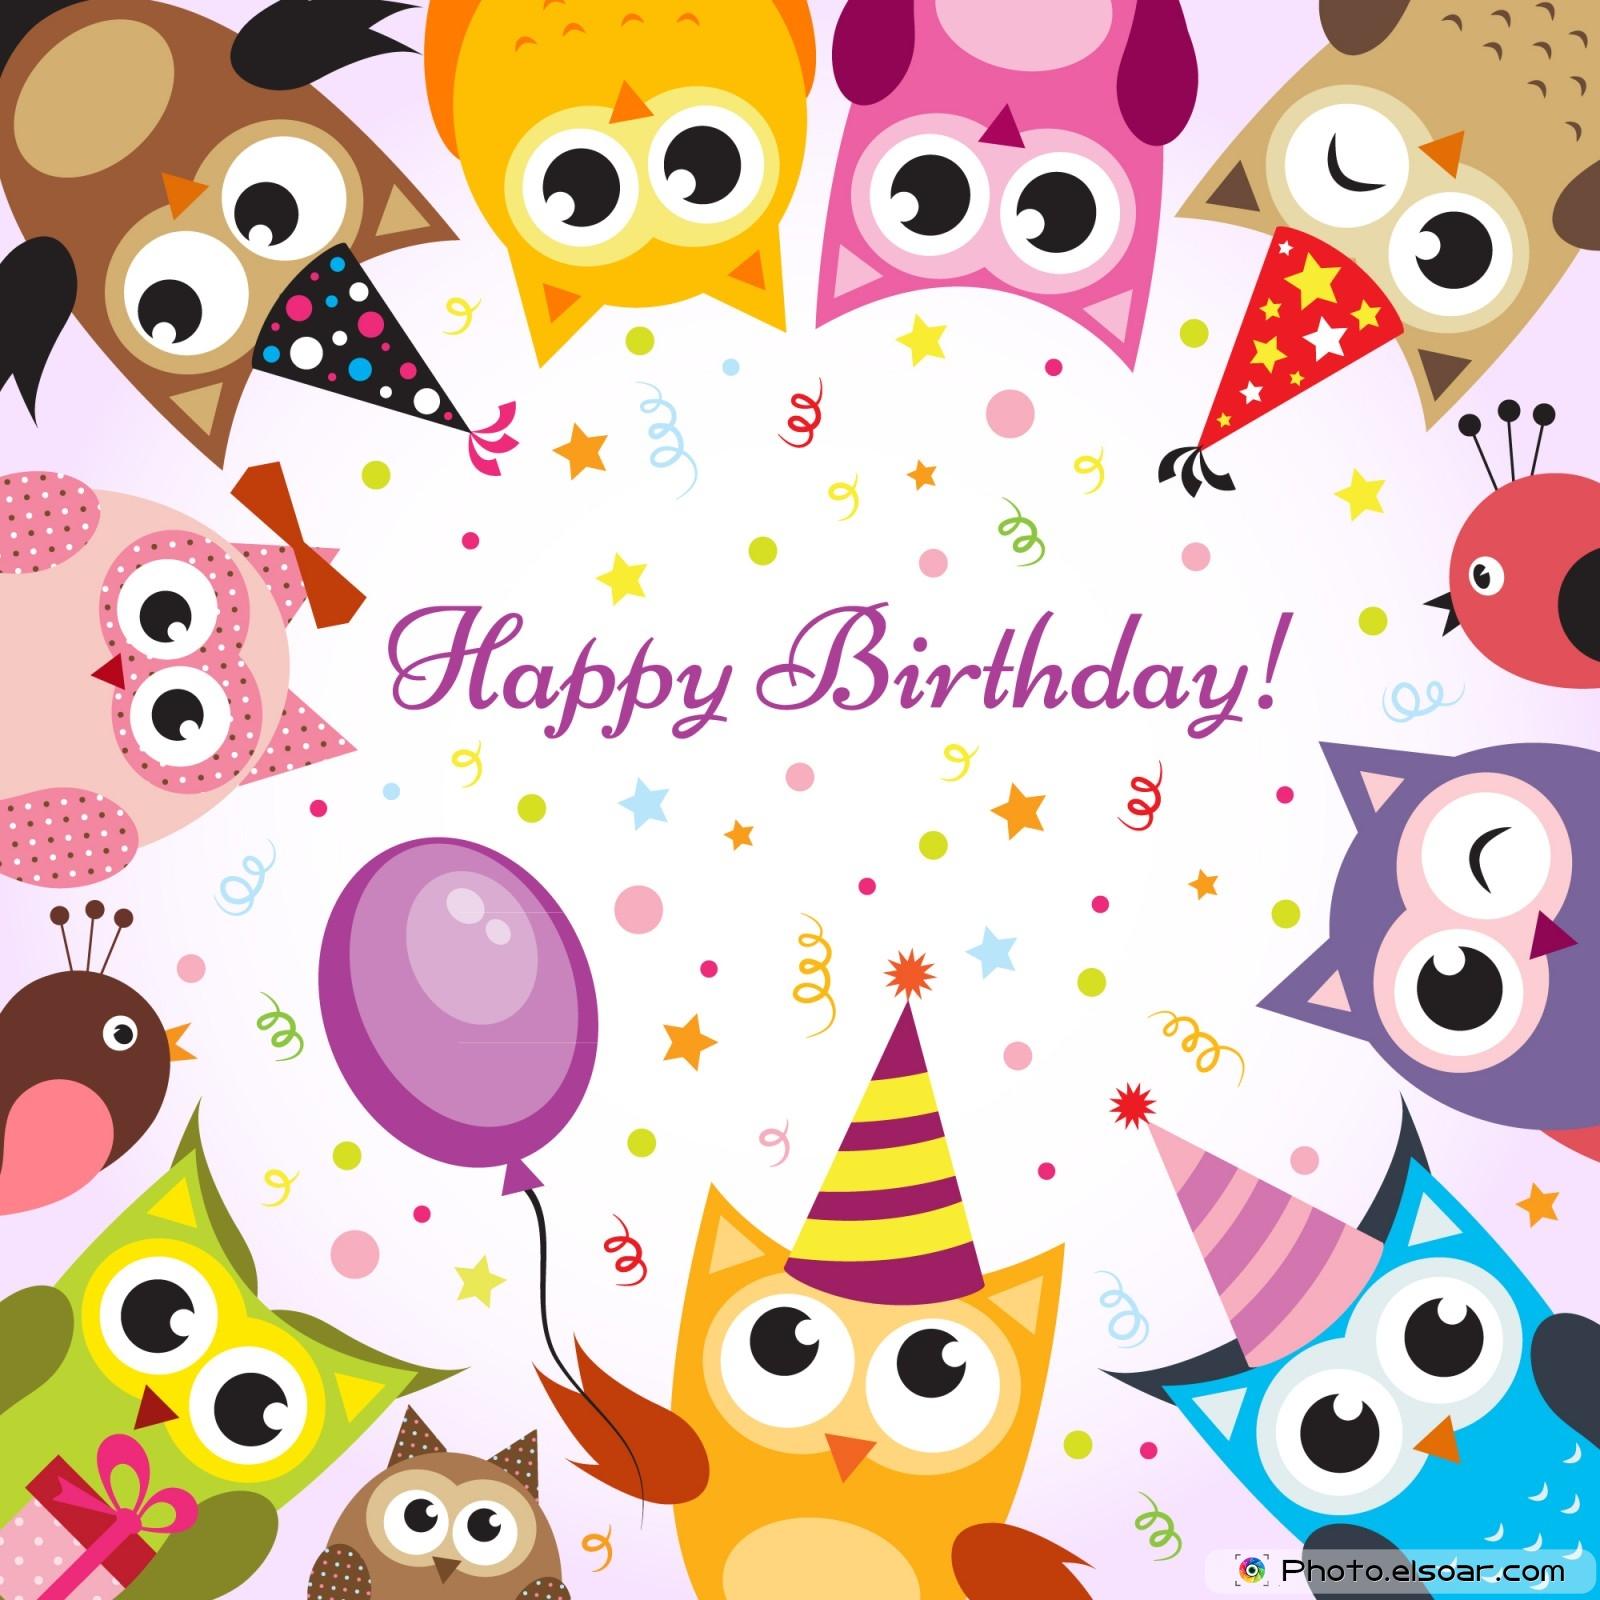 happy birthday owl images Happy Birthday, Owl!! | One Piece Forum happy birthday owl images